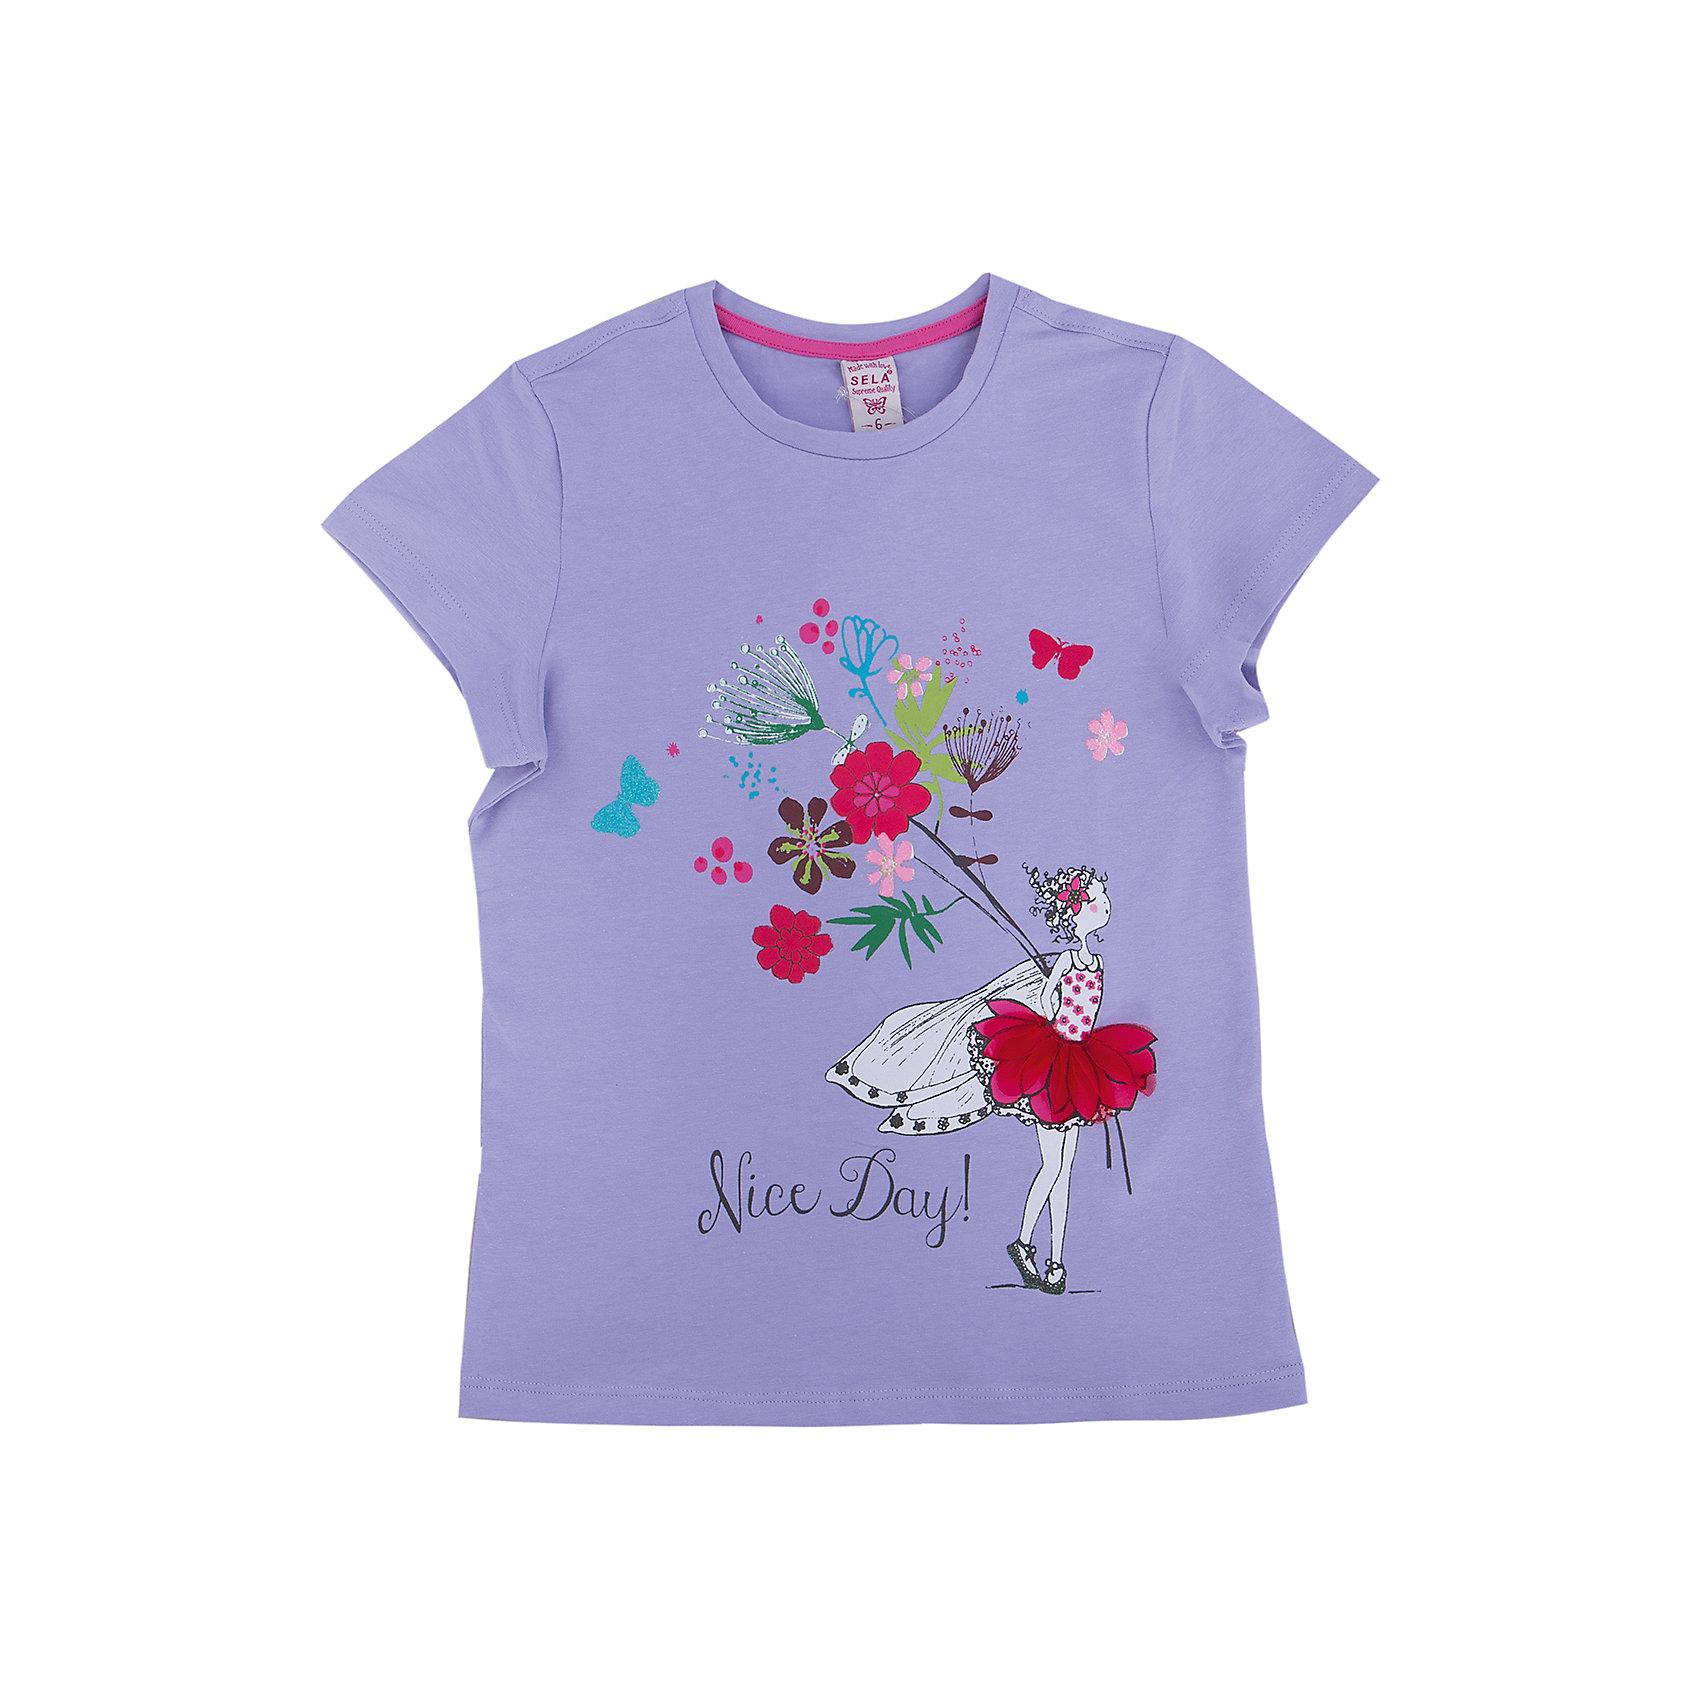 Футболка для девочки SELAФутболка от известной марки SELА поможет разнообразить летний гардероб девочки, создать нарядный или повседневный образ. Удобный крой и качественный материал обеспечат ребенку комфорт при ношении этой вещи. <br>На горловине изделия - мягкая окантовка. Силуэт - стильный, прямой. Спереди футболка оформлена оригинальным принтом.<br><br>Дополнительная информация:<br><br>материал: 95% хлопок, 5% эластан;<br>декорирована принтом;<br>прямой силуэт;<br>рукава короткие;<br>круглый горловой вырез;<br>уход за изделием: стирка в машине при температуре до 30°С, не отбеливать, гладить при низкой температуре.<br><br>Футболку от бренда SELА (Села) можно купить в нашем магазине.<br><br>Ширина мм: 230<br>Глубина мм: 40<br>Высота мм: 220<br>Вес г: 250<br>Цвет: белый<br>Возраст от месяцев: 48<br>Возраст до месяцев: 60<br>Пол: Женский<br>Возраст: Детский<br>Размер: 110,92,116,104,98<br>SKU: 4741081